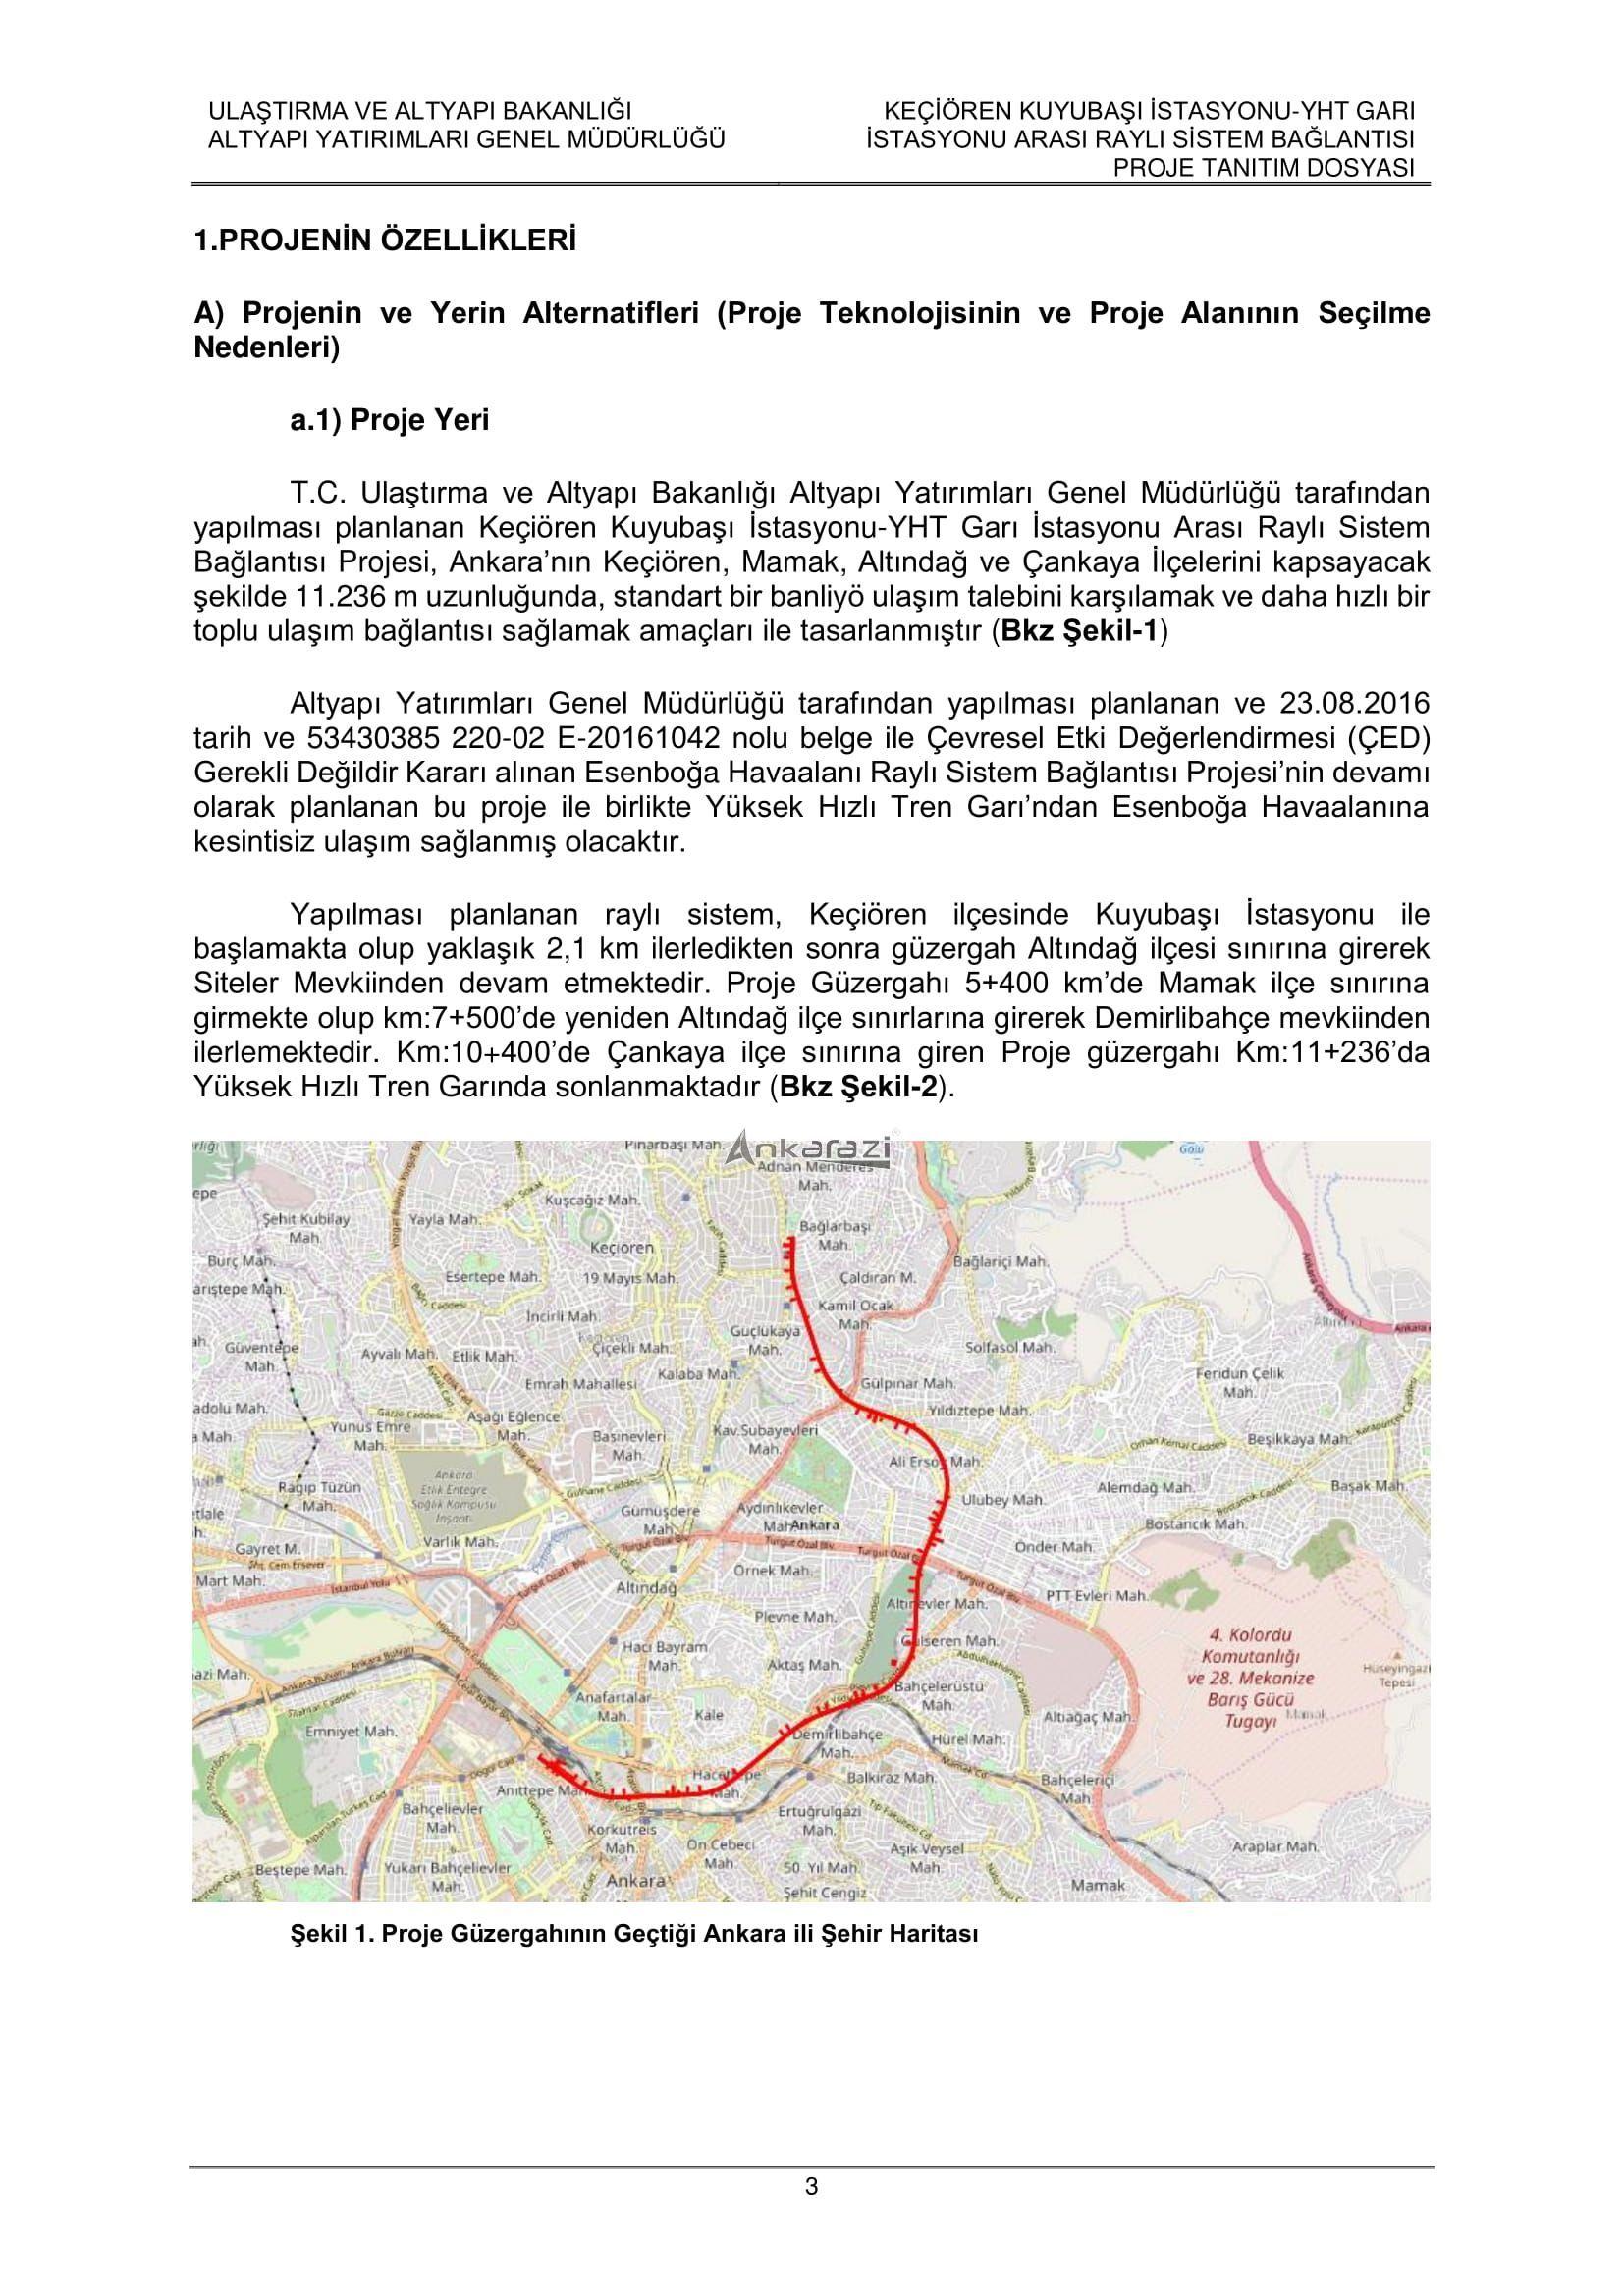 Keçiören-Siteler-YHT Garı Metro Hattı, Nihai Proje Dosyası... 3691